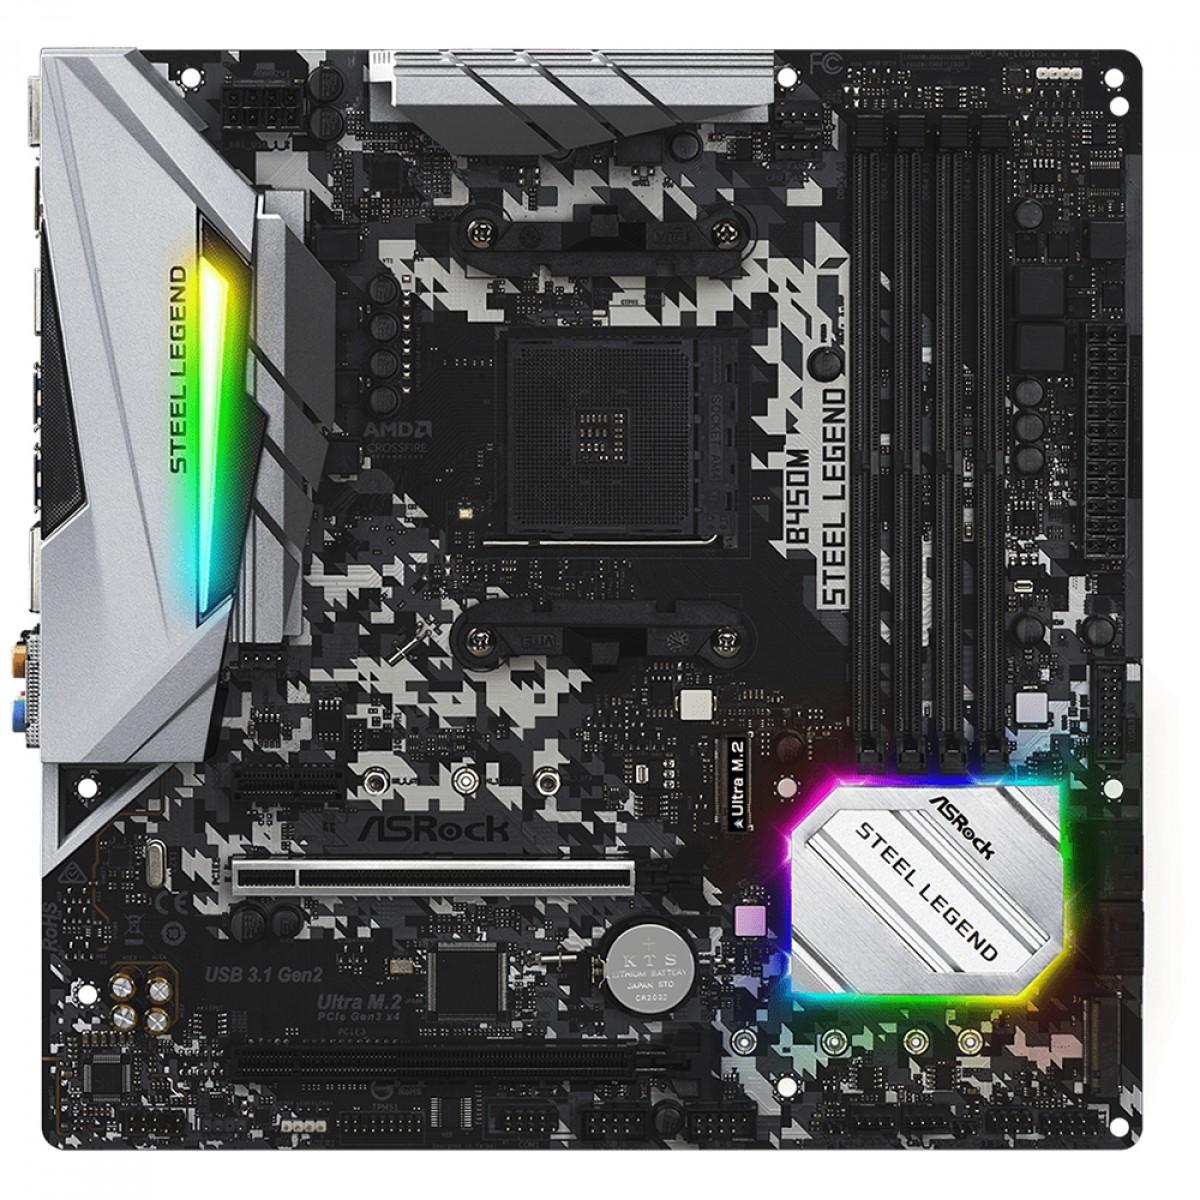 Kit Upgrade, ASRock B450M Steel Legend + AMD Ryzen 5 PRO 4650G